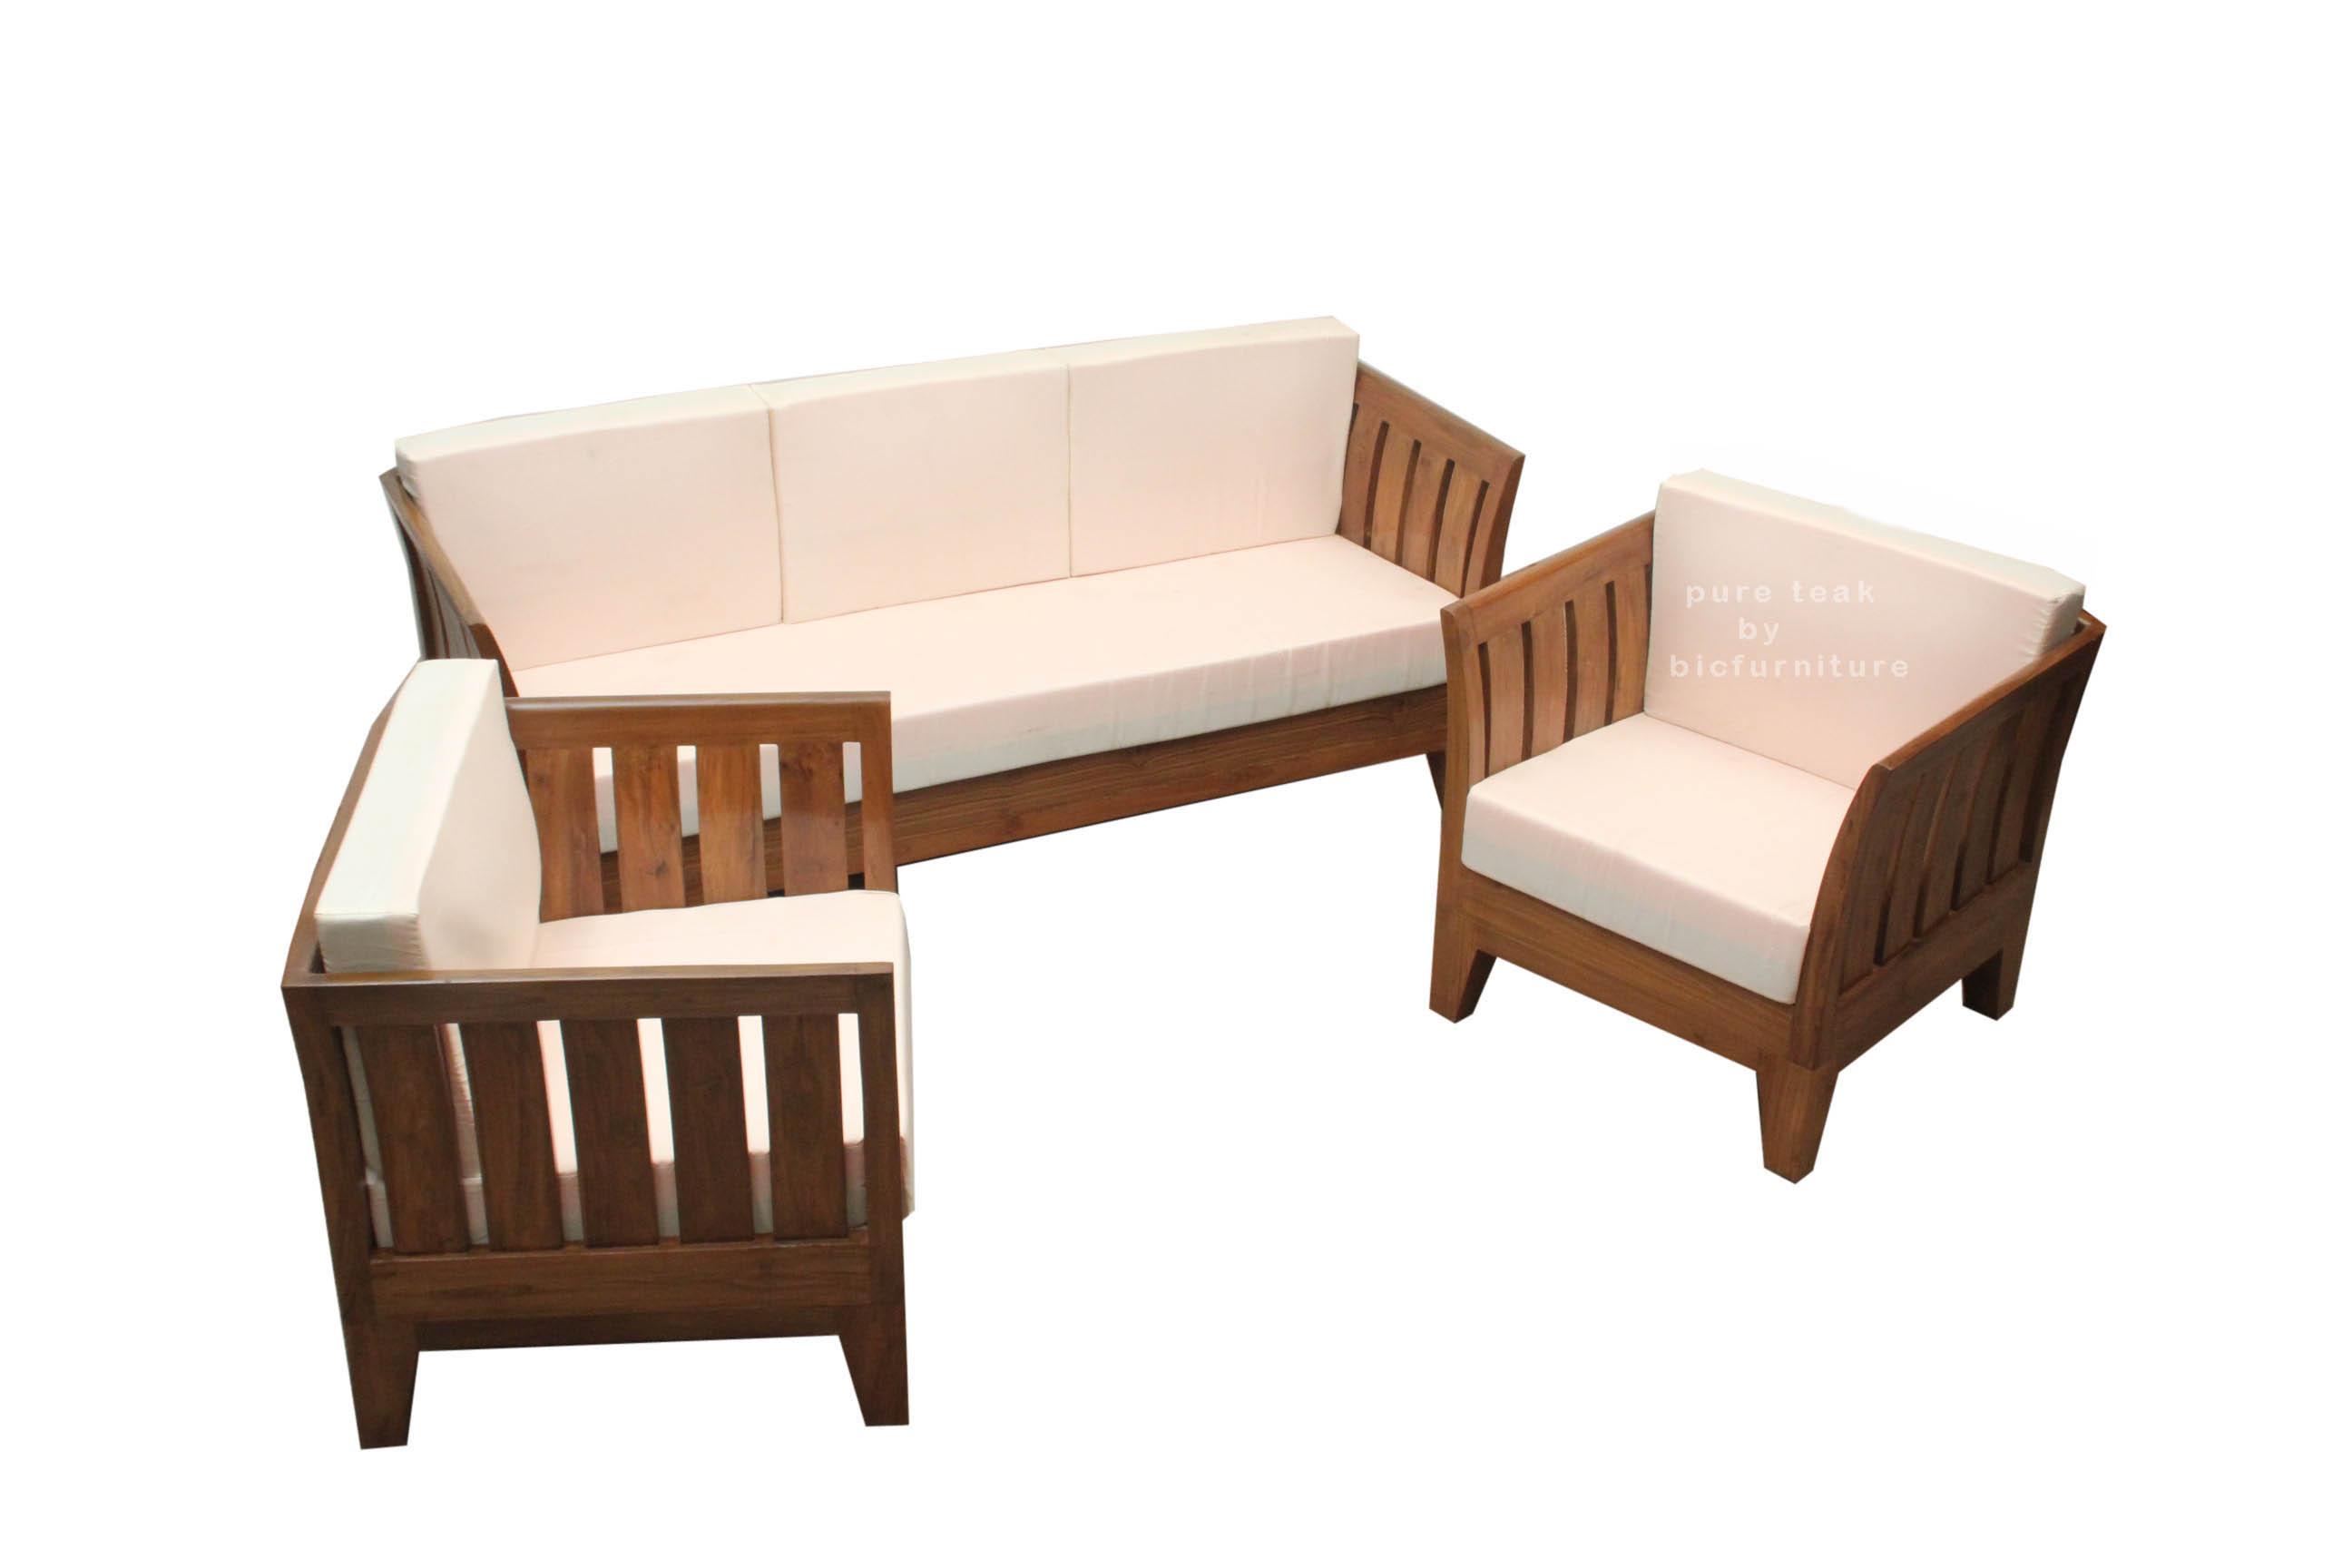 wooden sofa sets designs india cleaning san jose teak wood set ws 60 details bic furniture home range sofas